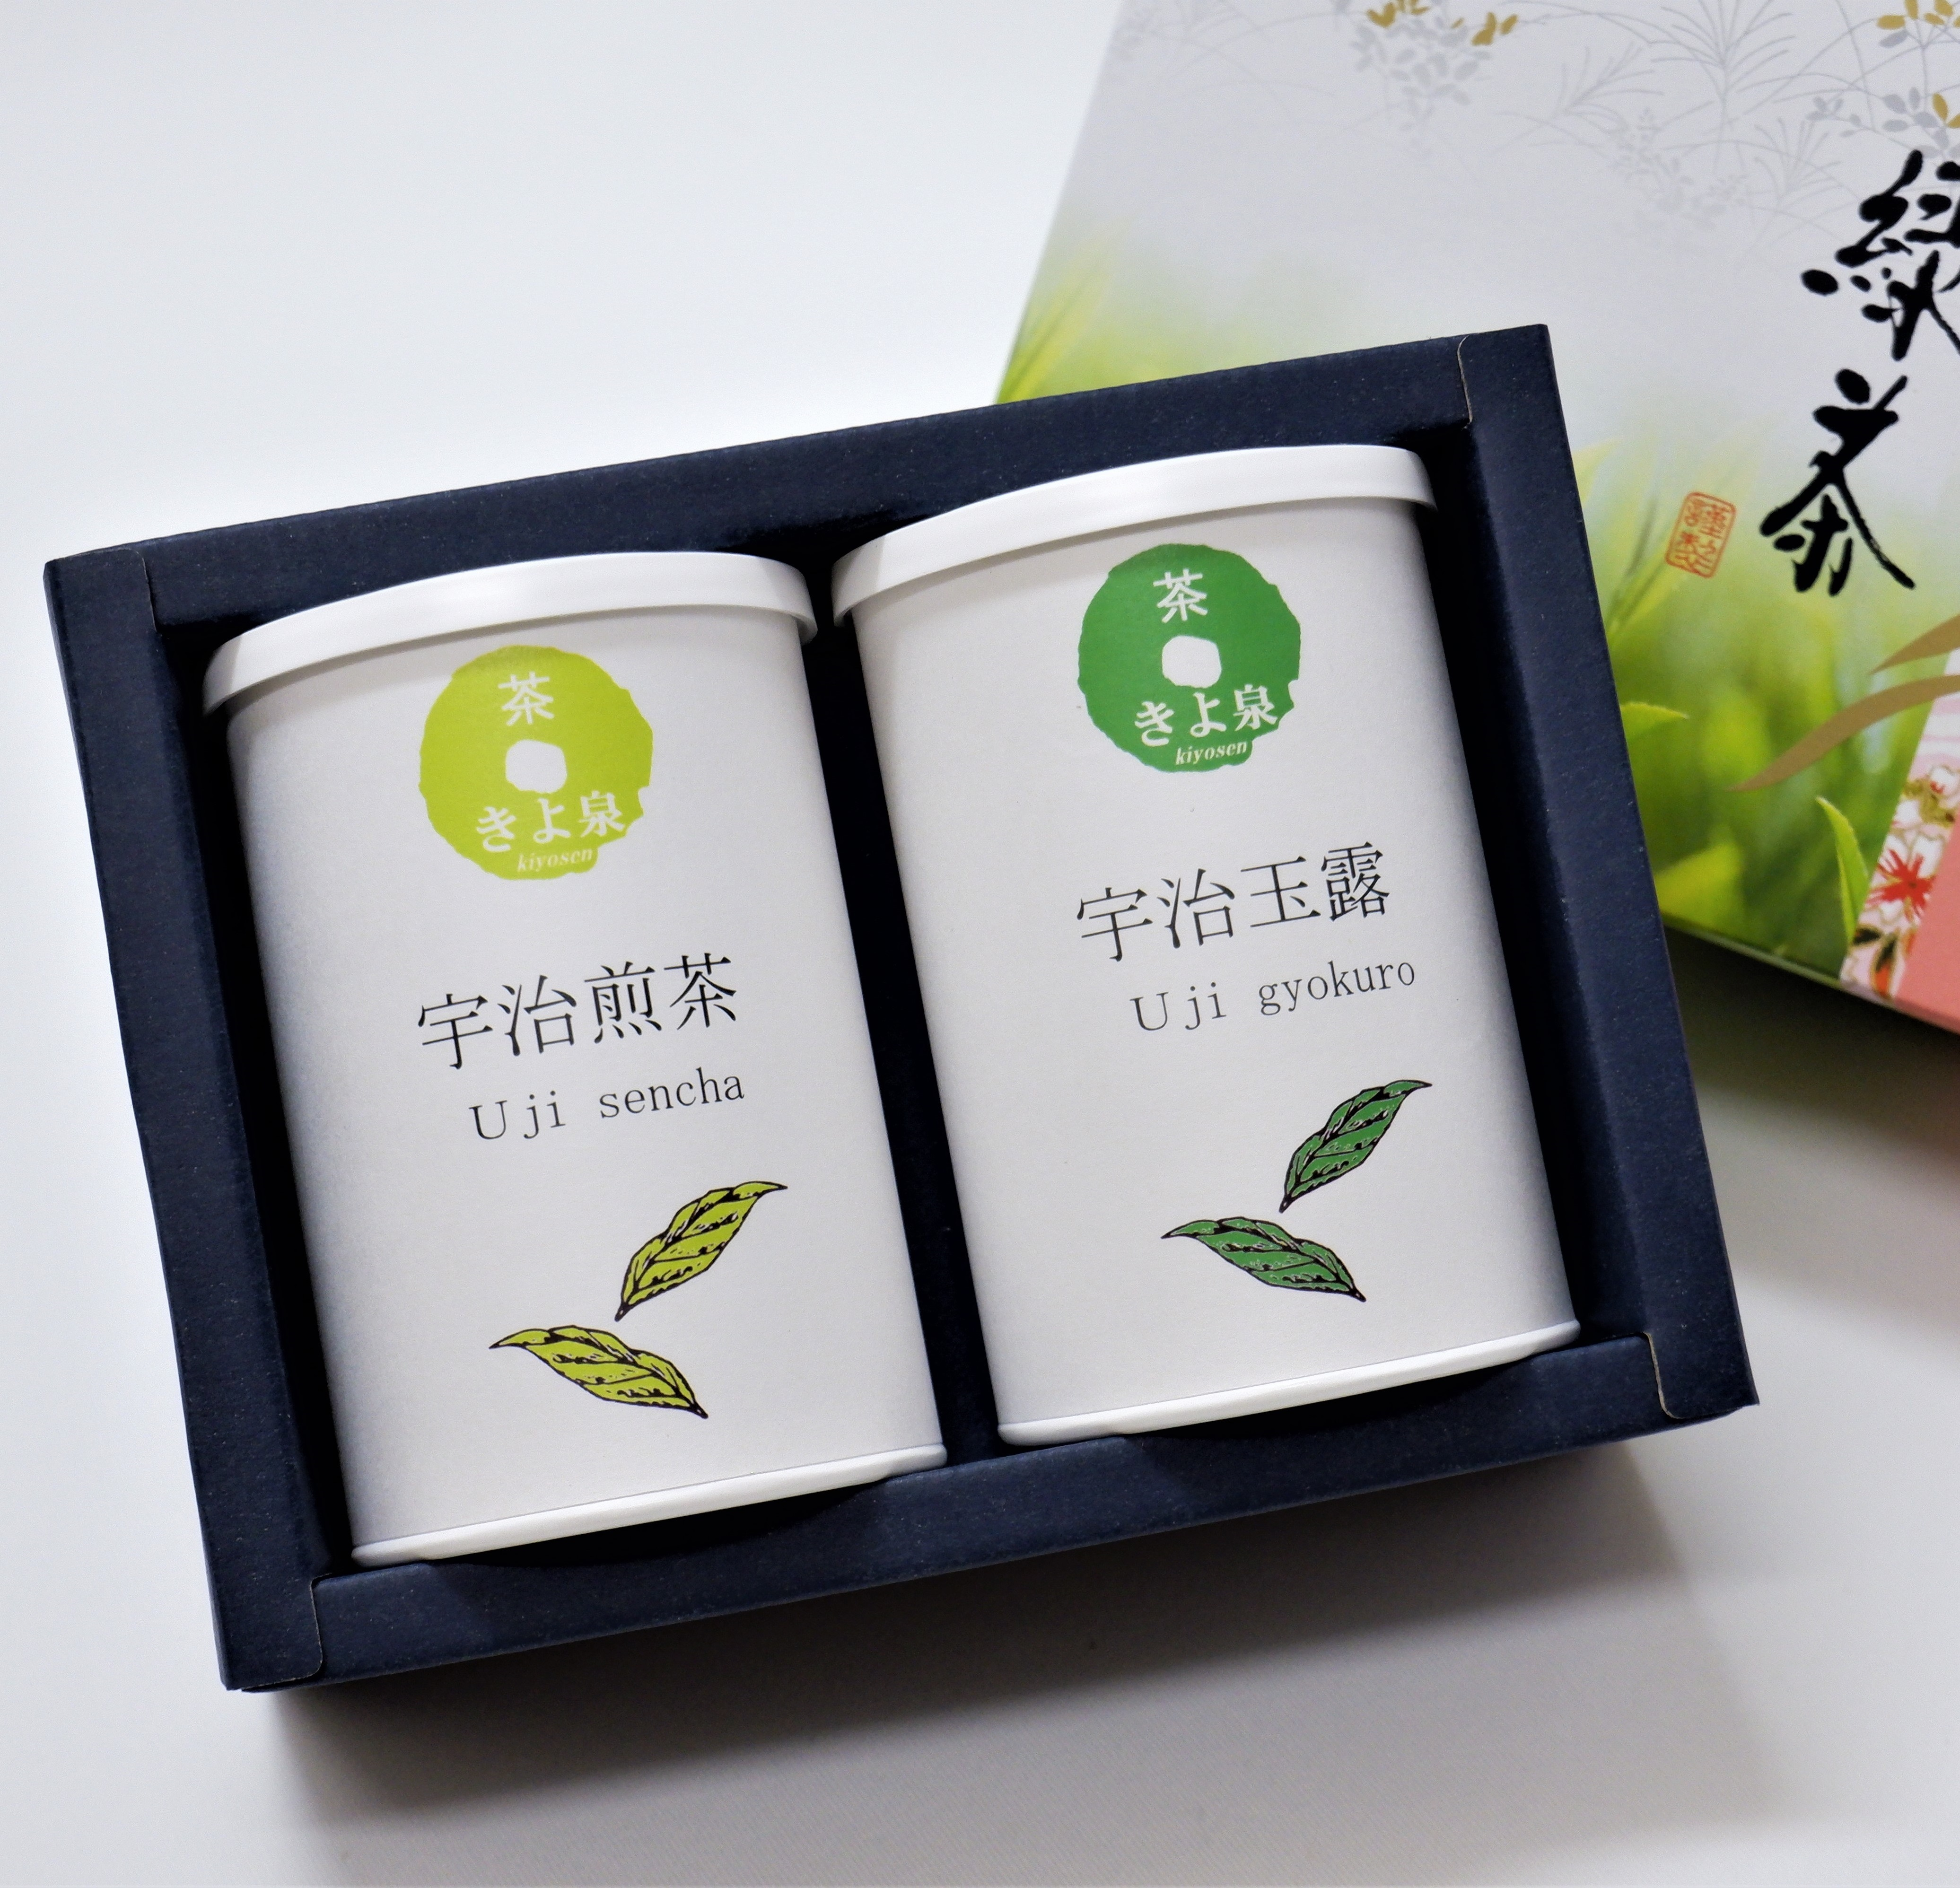 宇治茶ギフト 煎茶・玉露セット 【各80g】